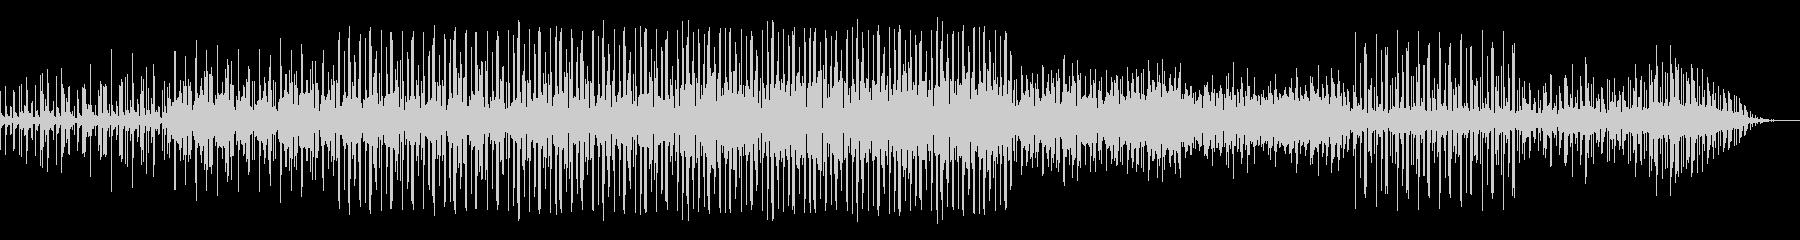 ダウンテンポのダブ系ビートです。の未再生の波形